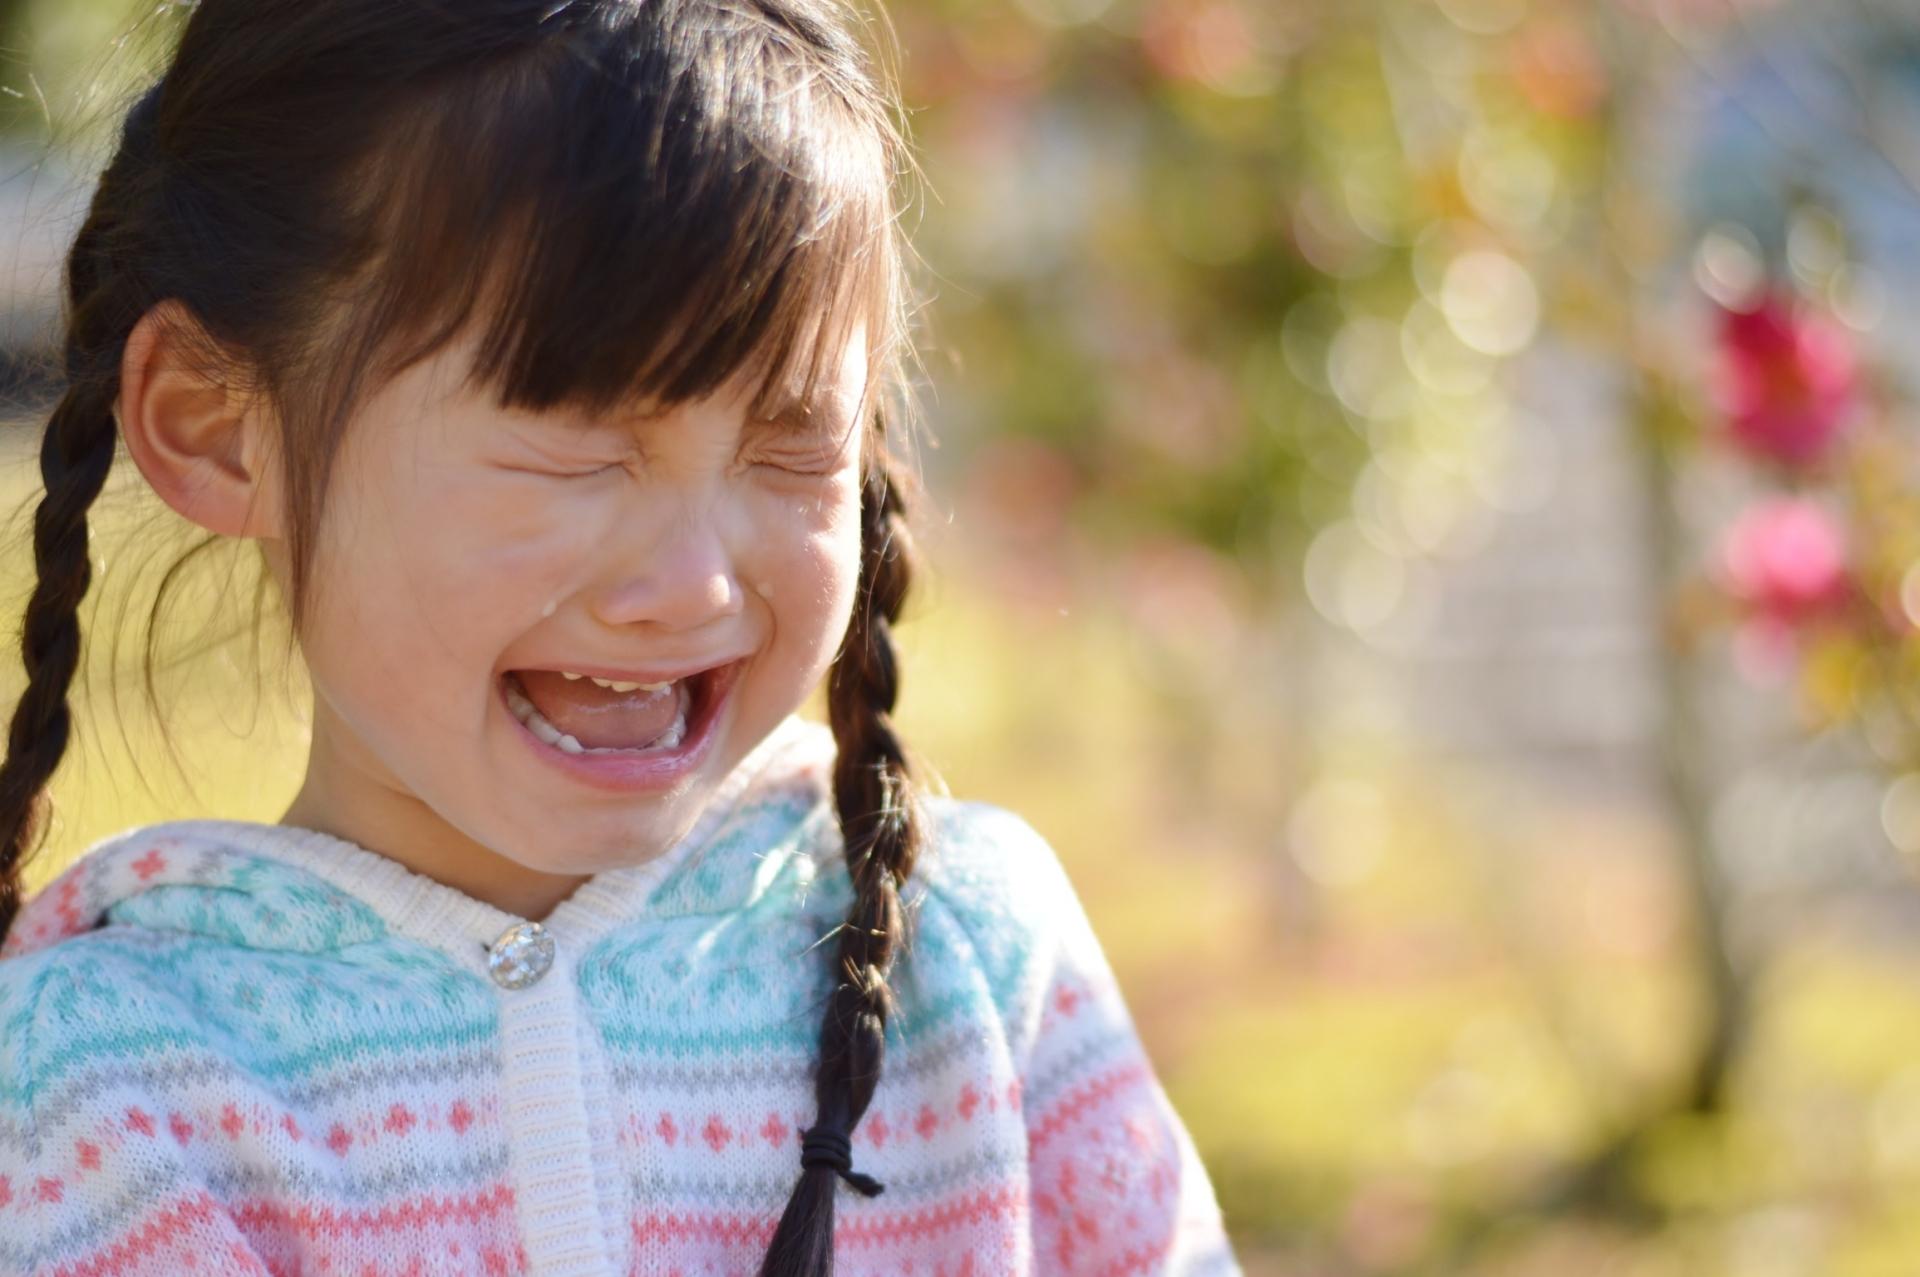 短所を長所に変える!子どもの「心と能力」を育てる言葉がけって?の画像2